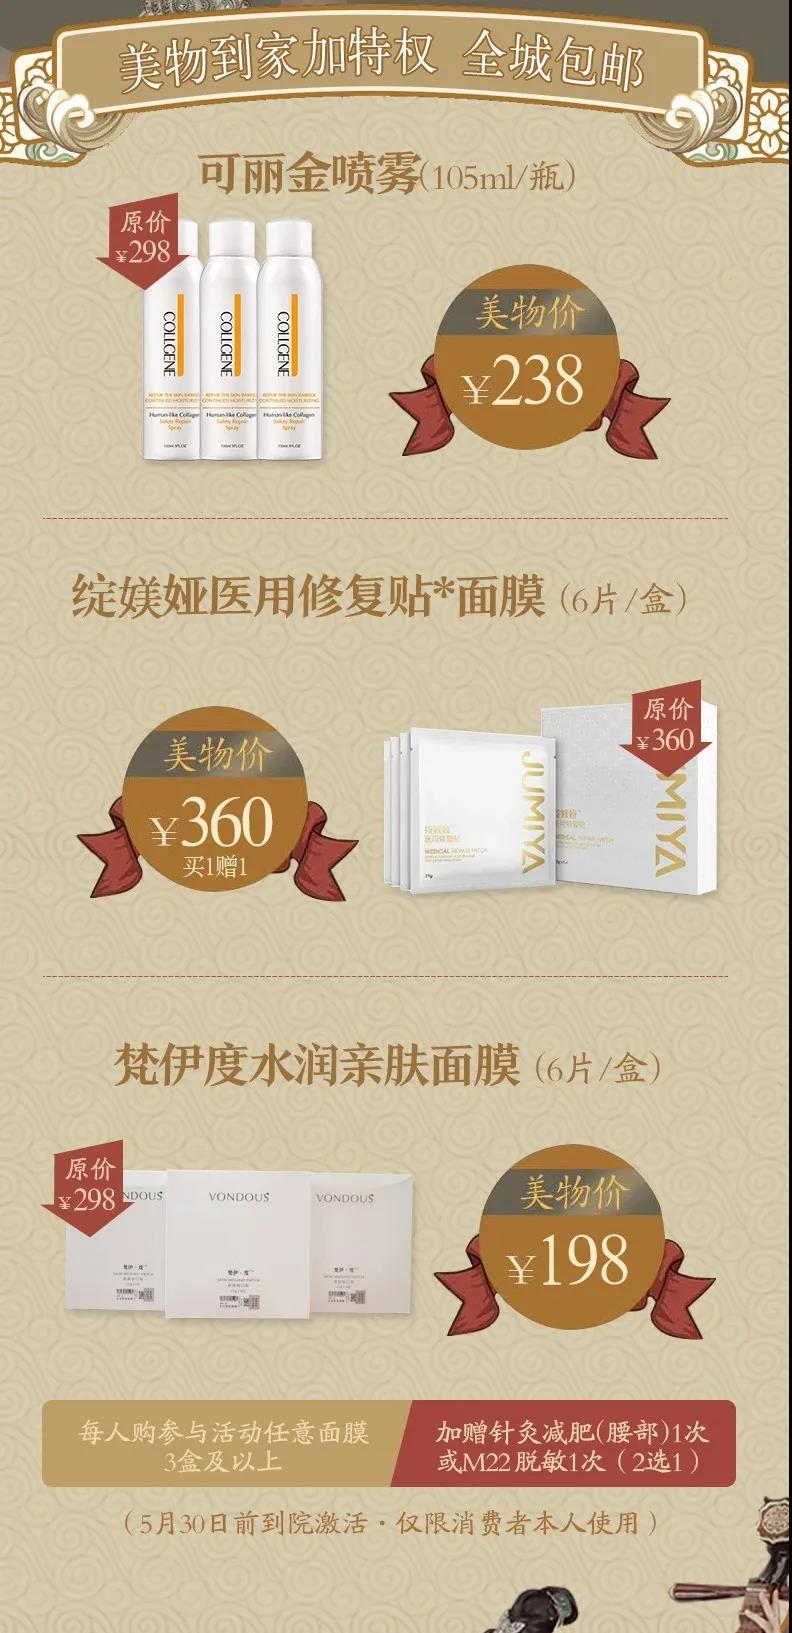 云南铜雀台超值好物超值购,经典项目,买单加赠!